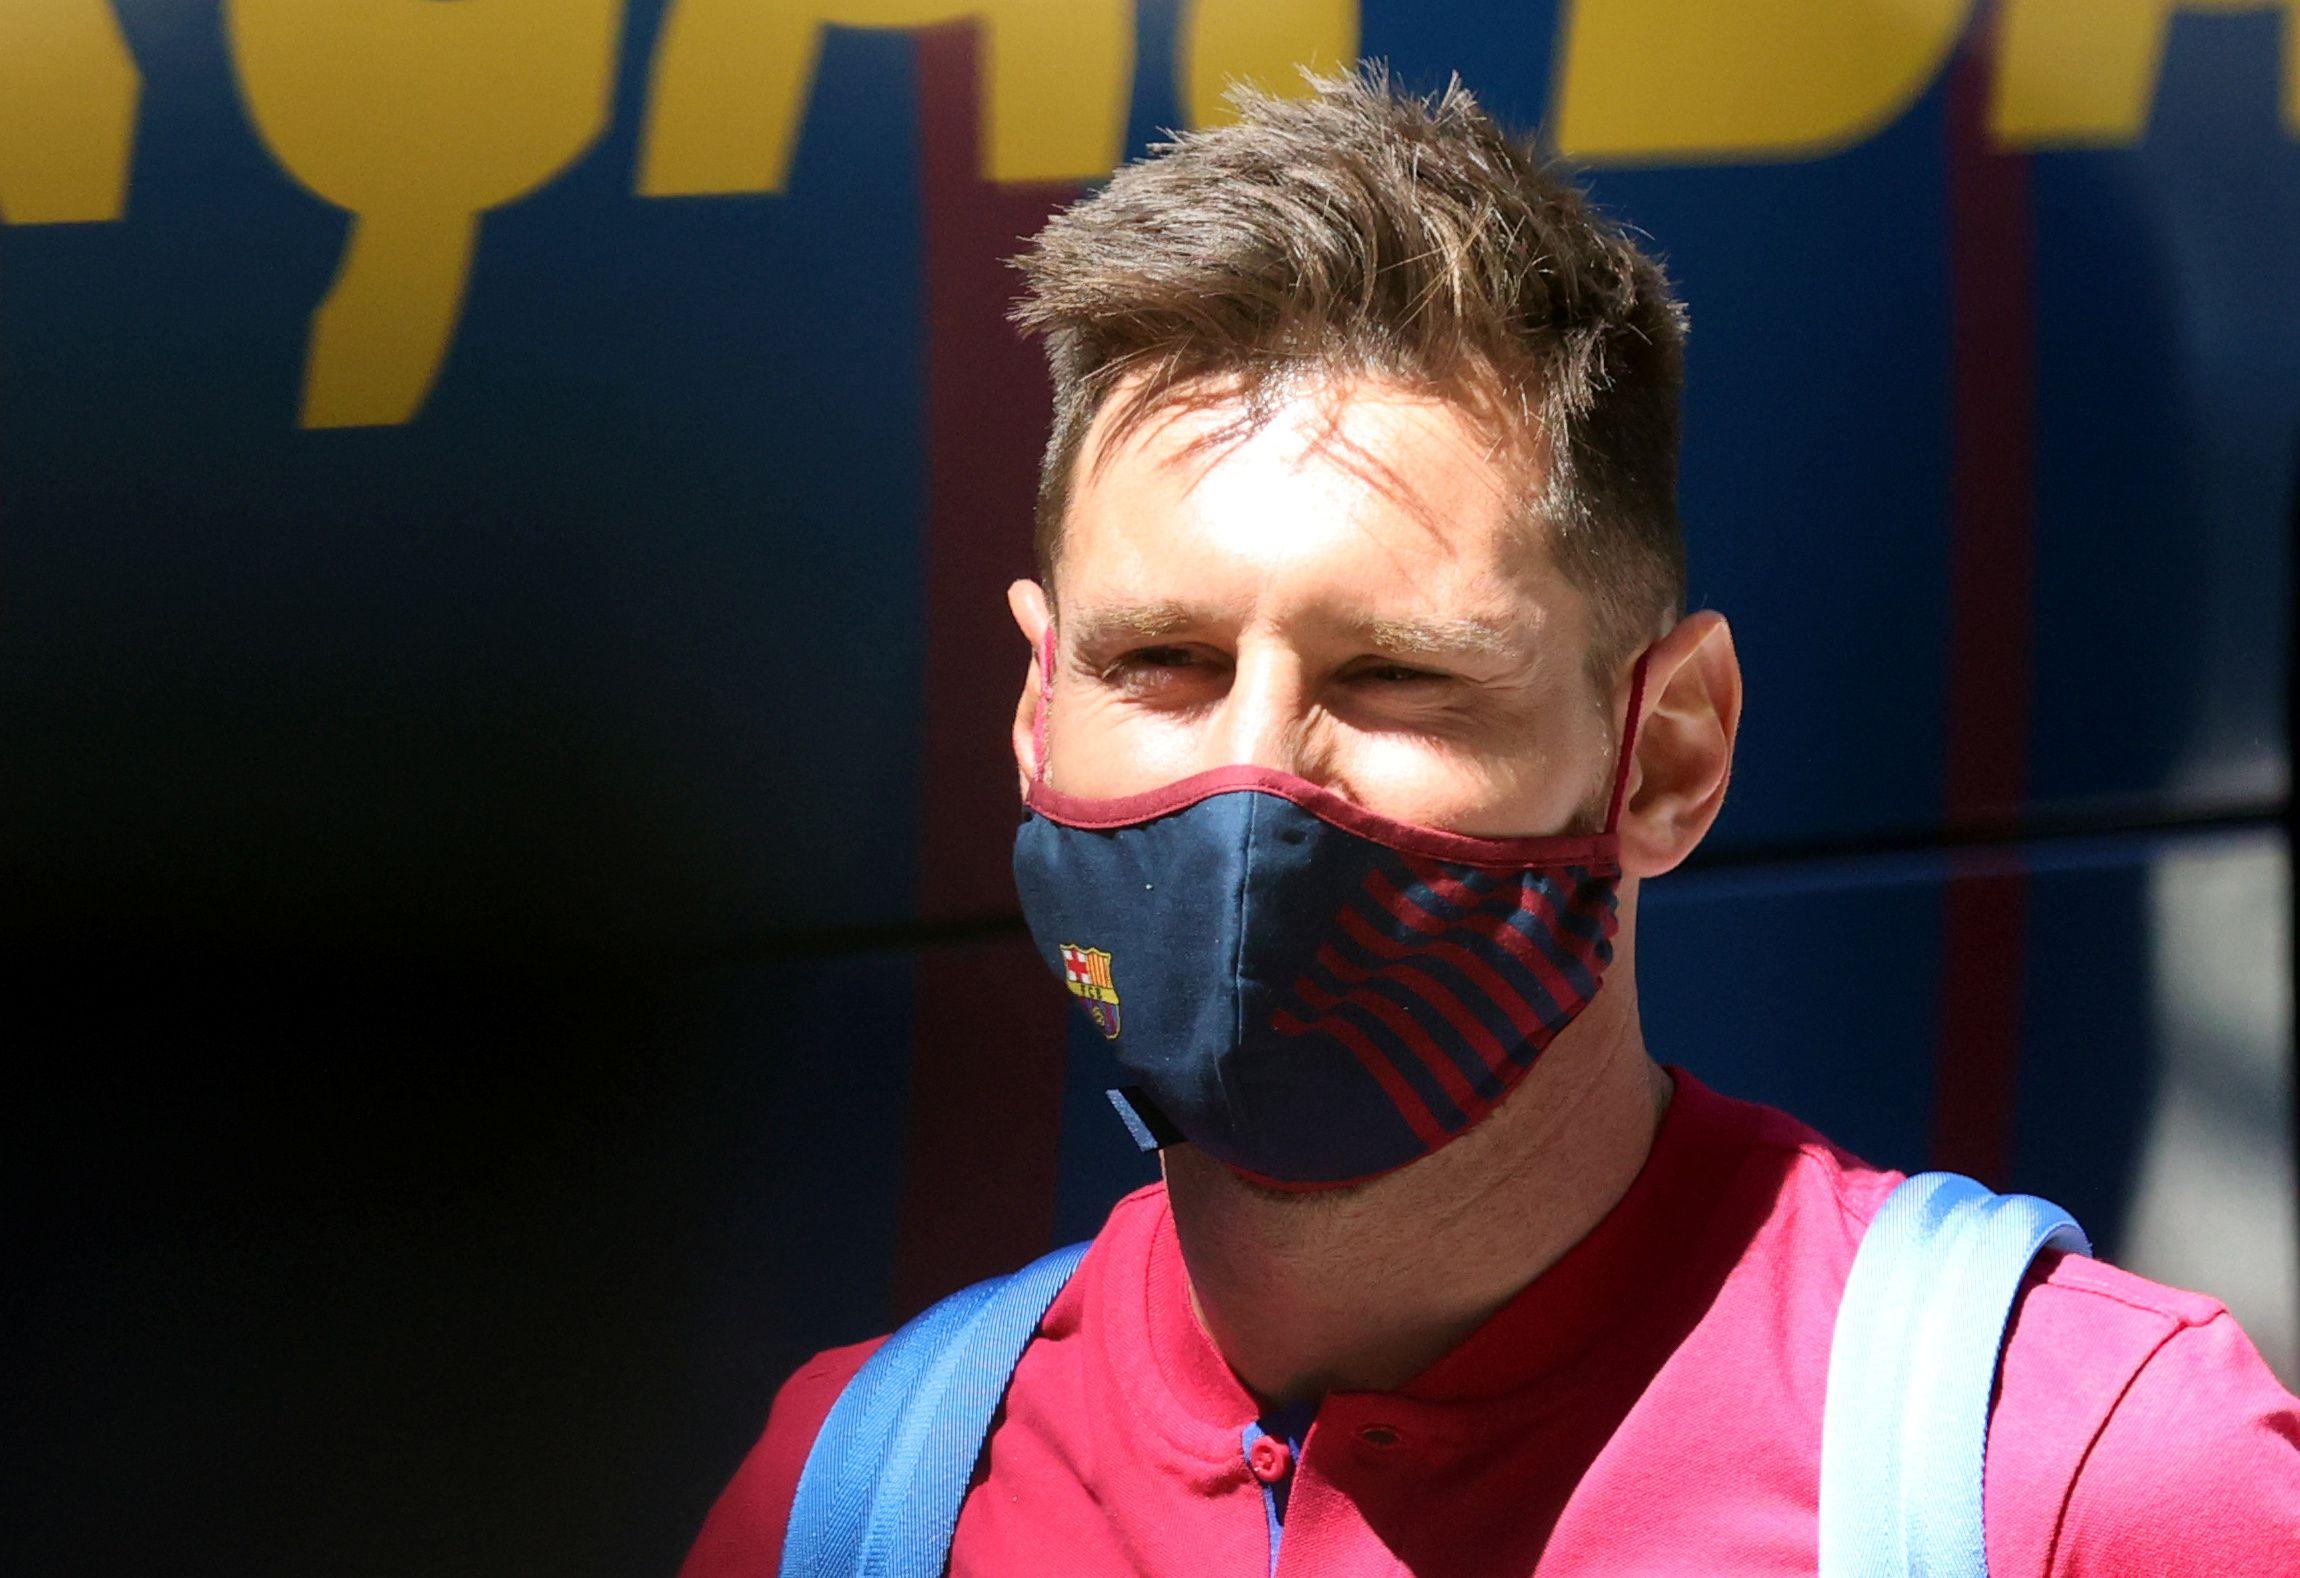 Lionel Messi estaba descansando en compañía de las familias de Luis Suárez y Jordi Alba (Foto: Reuters)